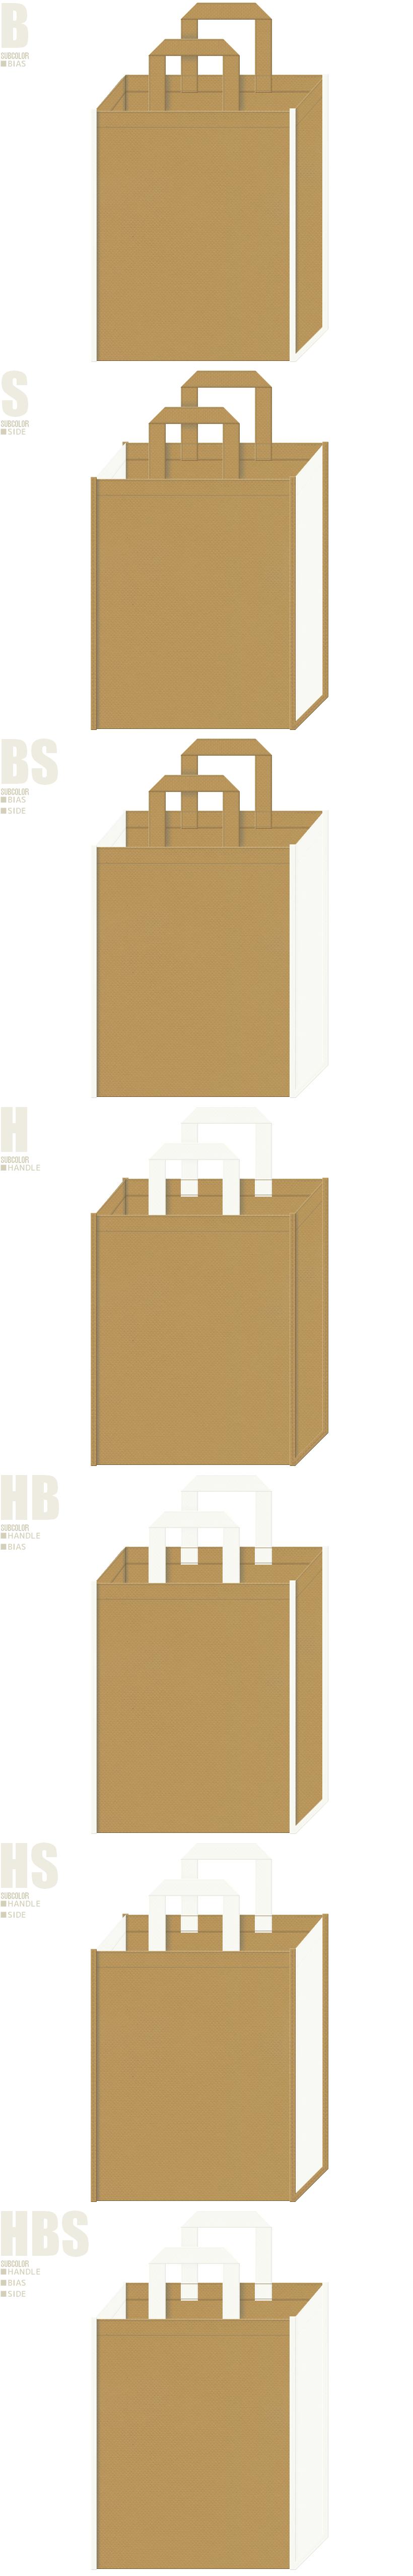 金色系黄土色とオフホワイト色、7パターンの不織布トートバッグ配色デザイン例。珈琲ロールイメージの不織布バッグにお奨めです。